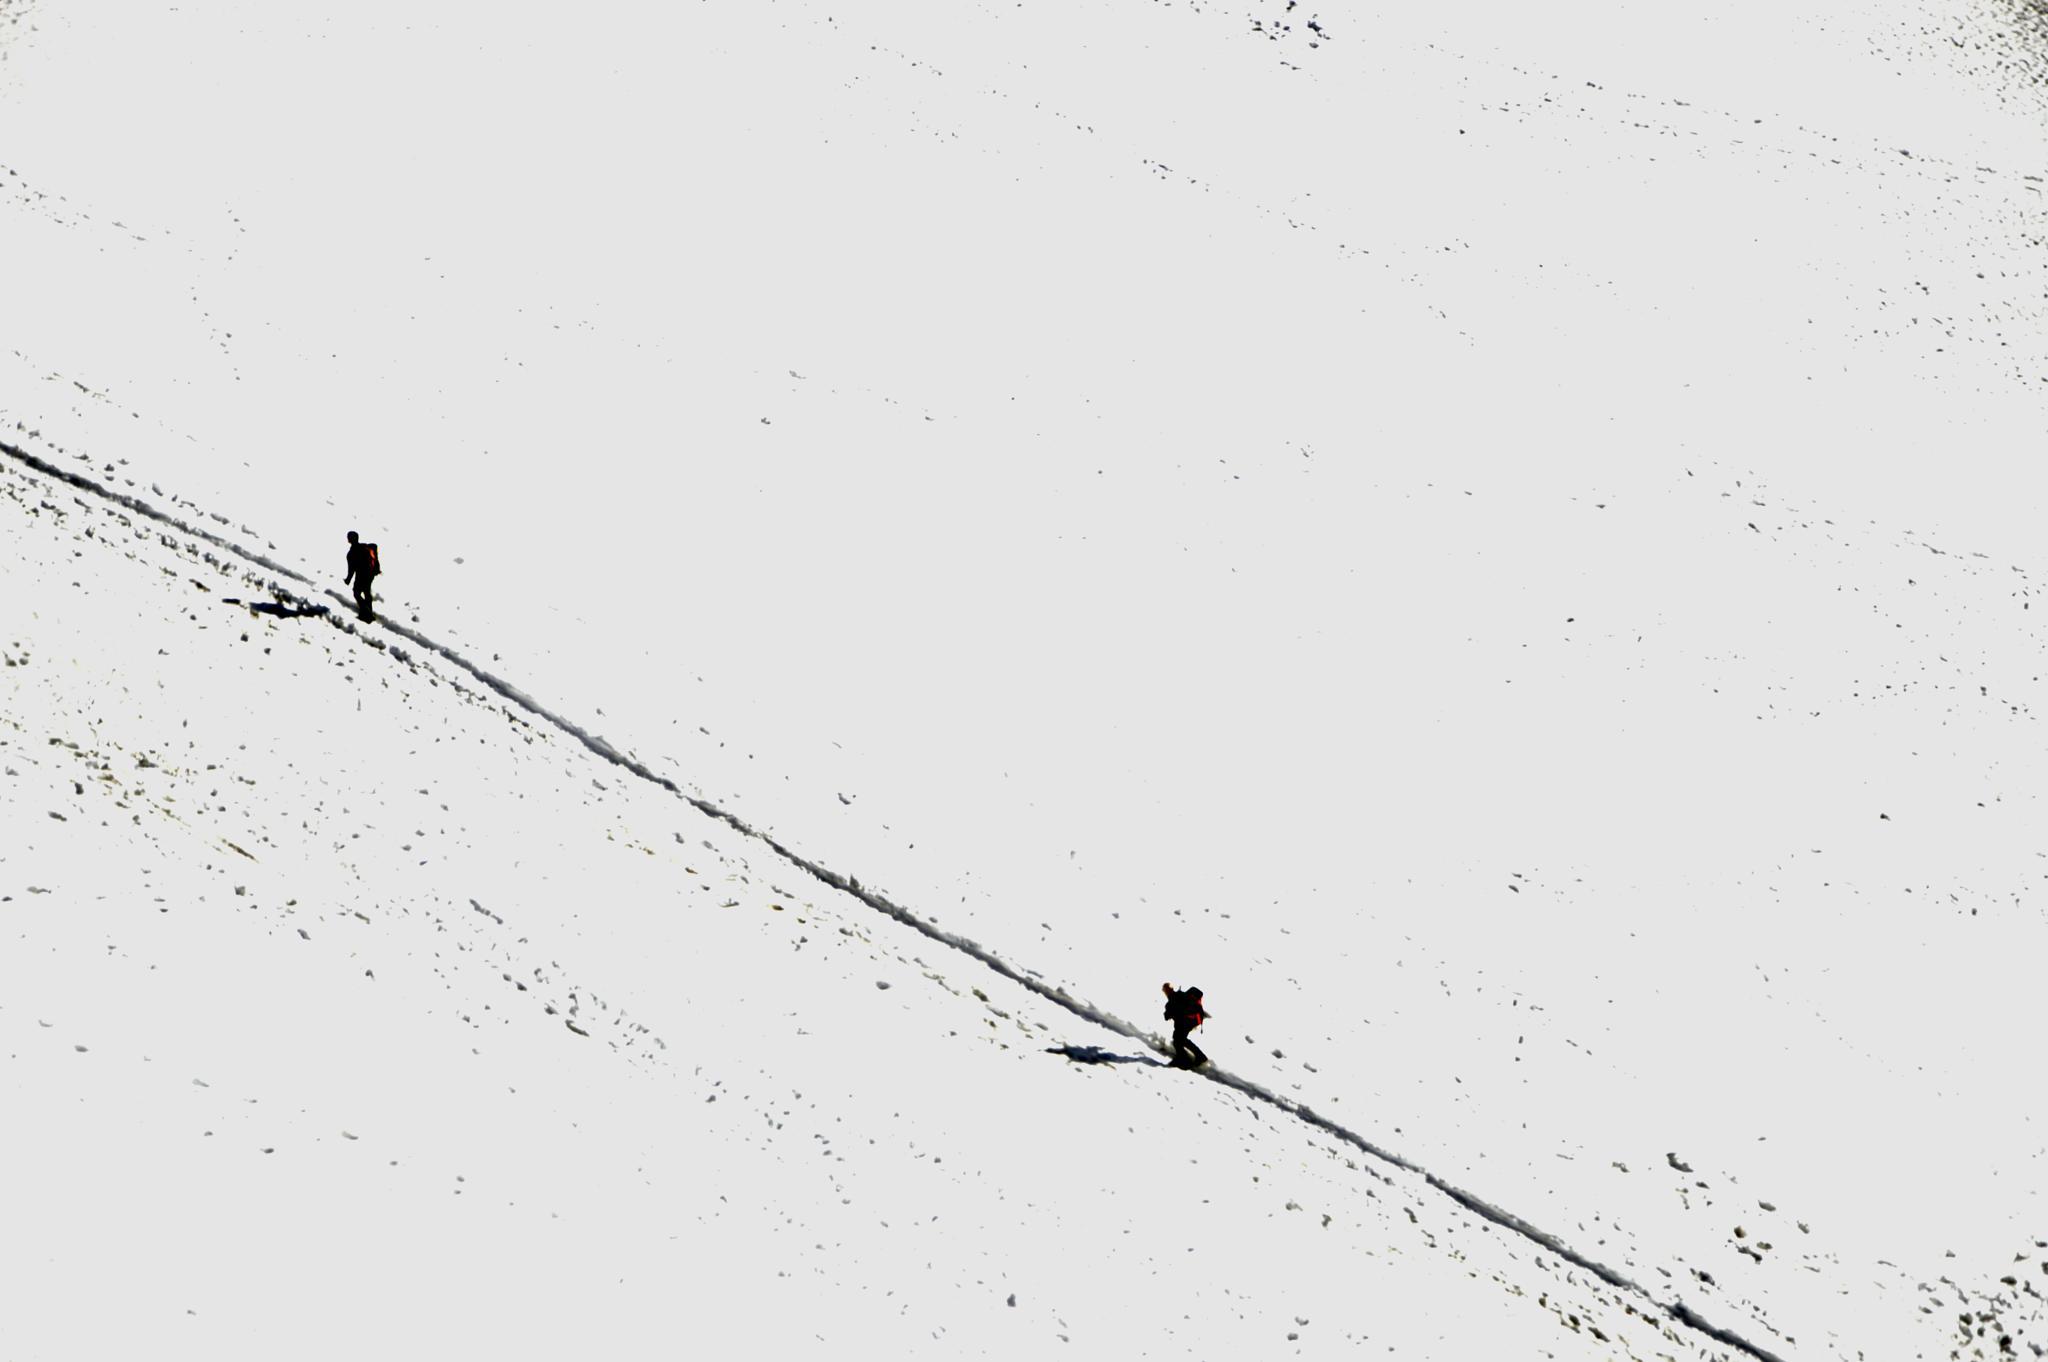 CAMMINARE NEL BIANCO by lorena.rinaudo.9